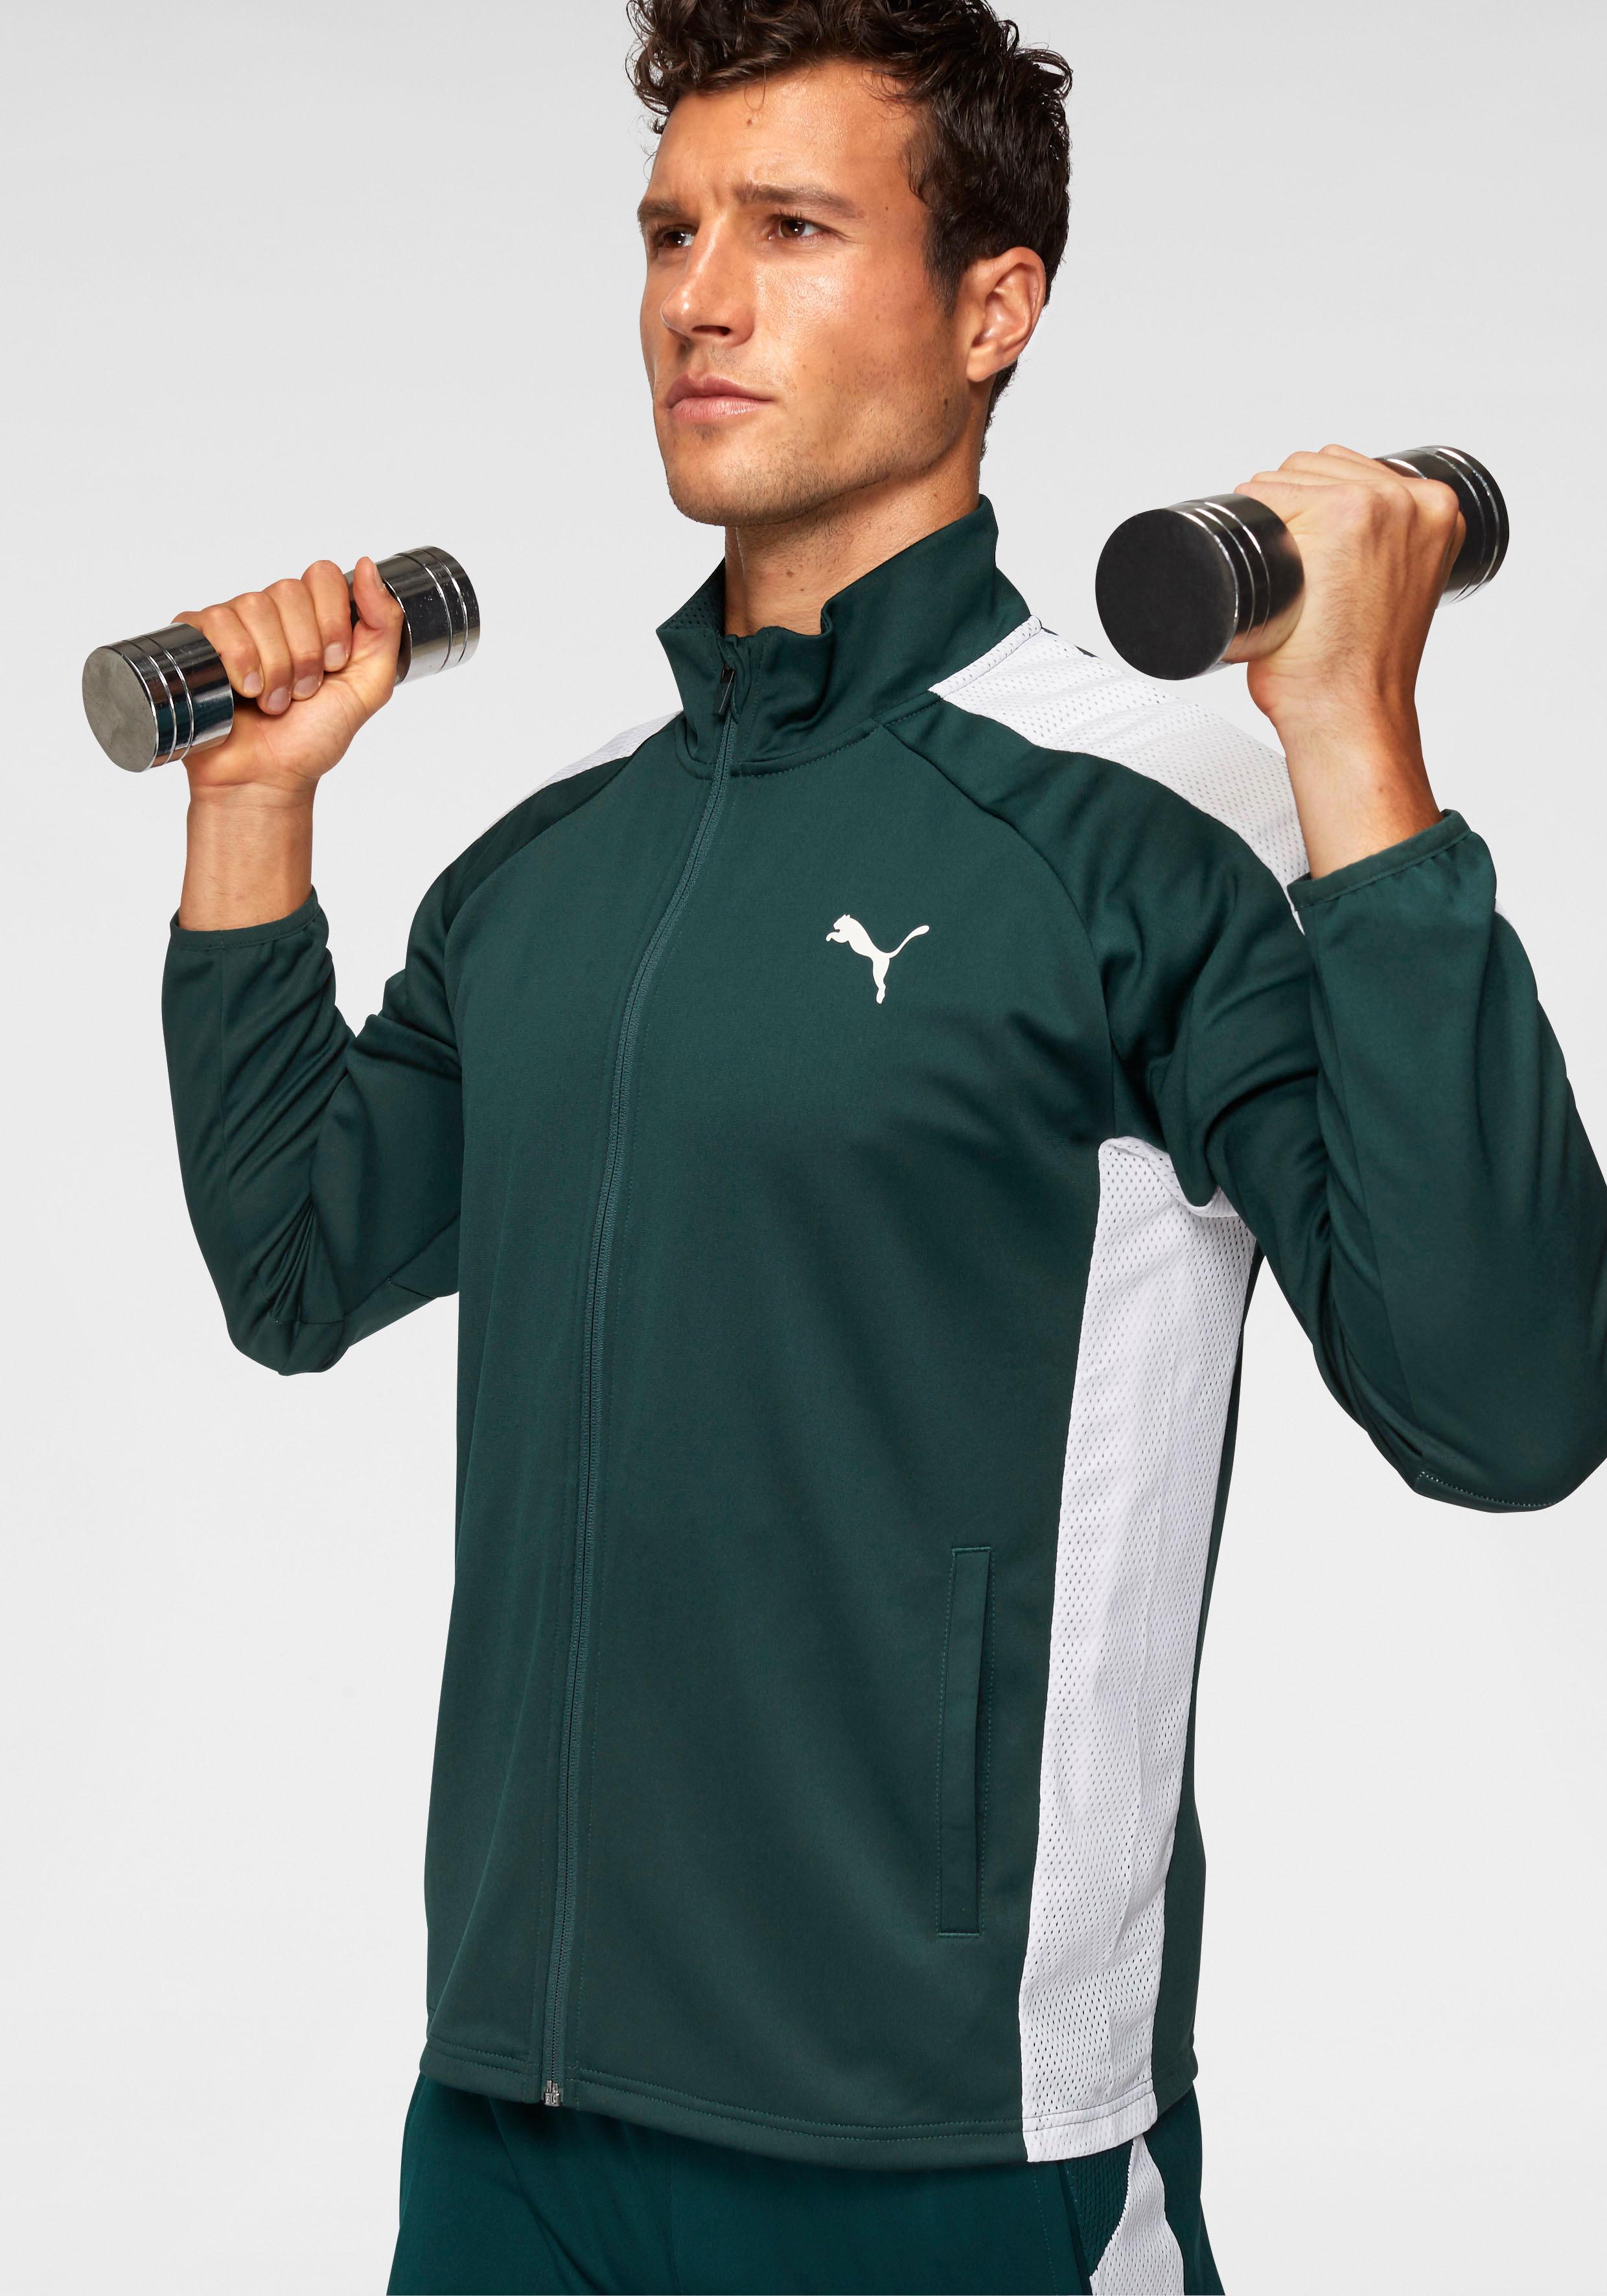 PUMA Trainingsjacke ENERGY BLASTER JACKET | Sportbekleidung > Sportjacken > Trainingsjacken | Puma